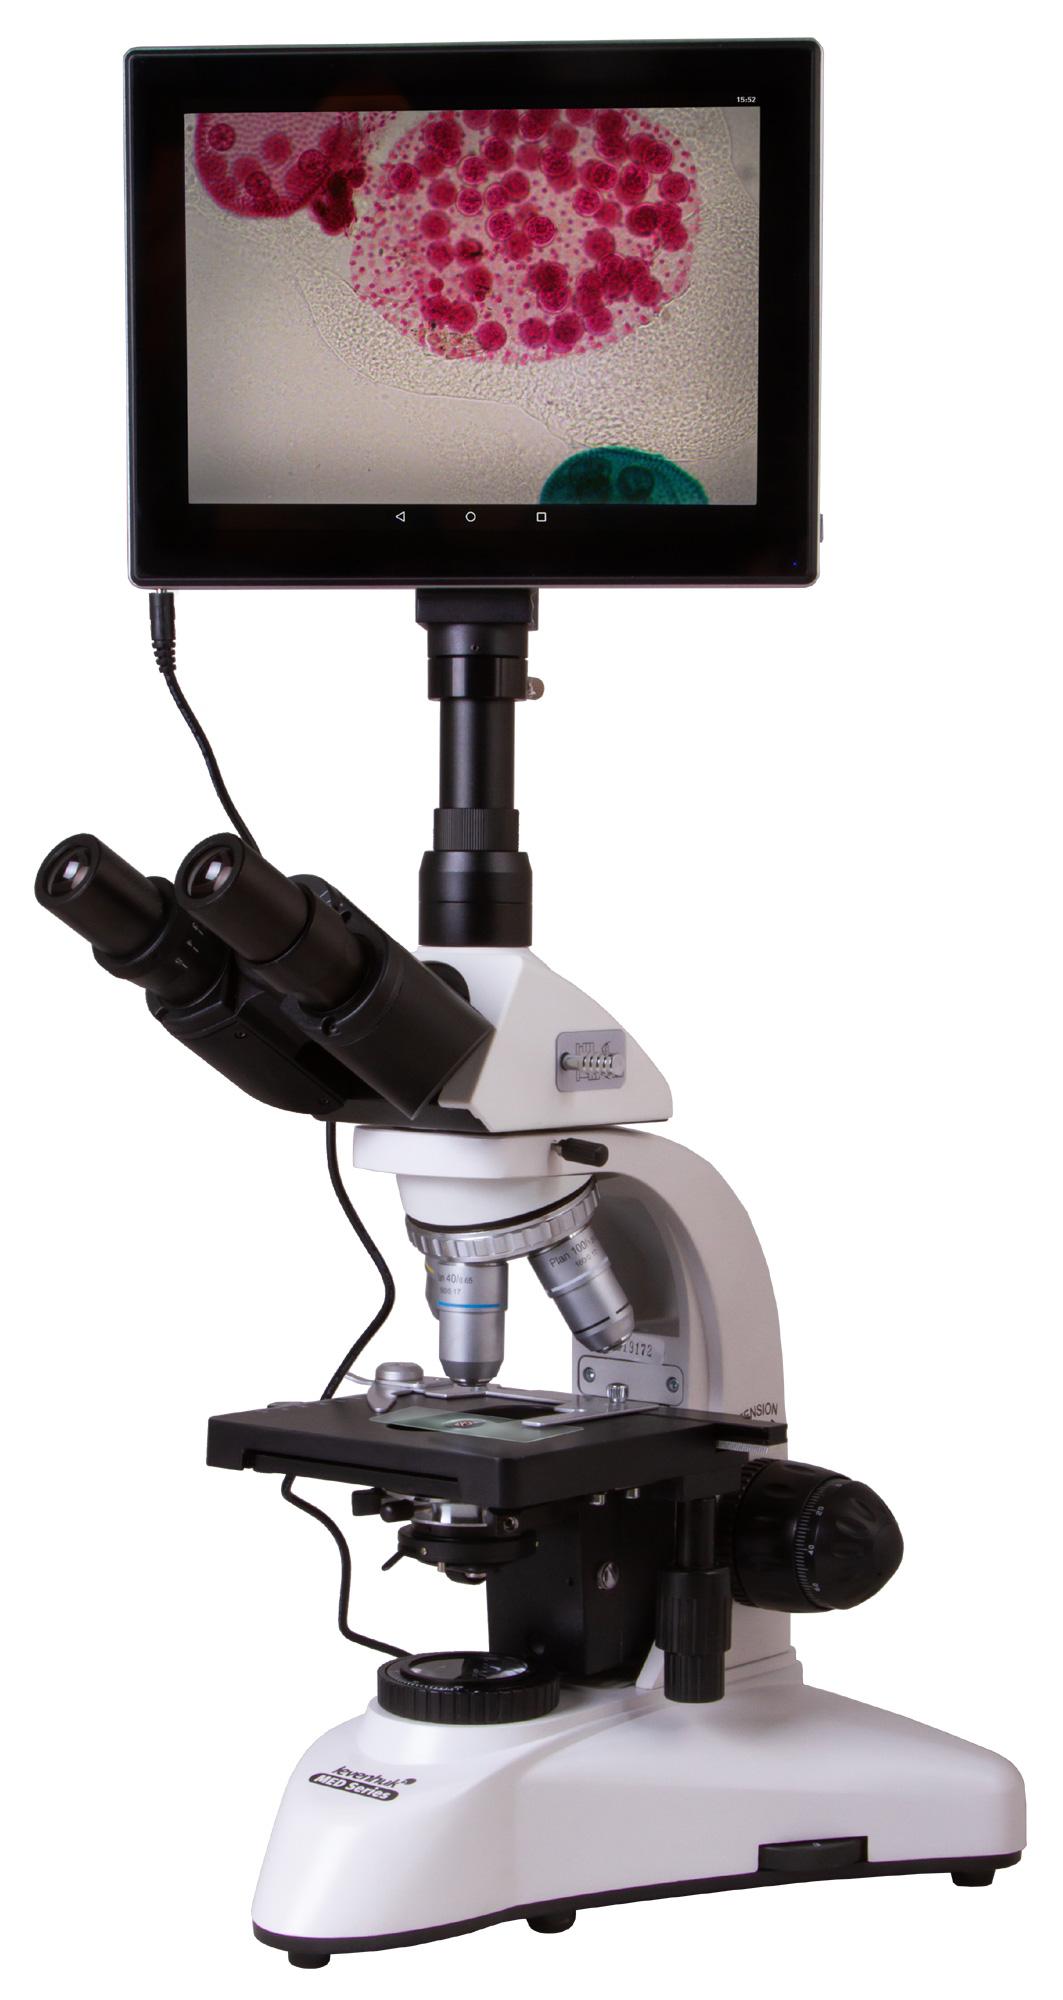 Картинка для Микроскоп цифровой Levenhuk (Левенгук) MED D25T LCD, тринокулярный